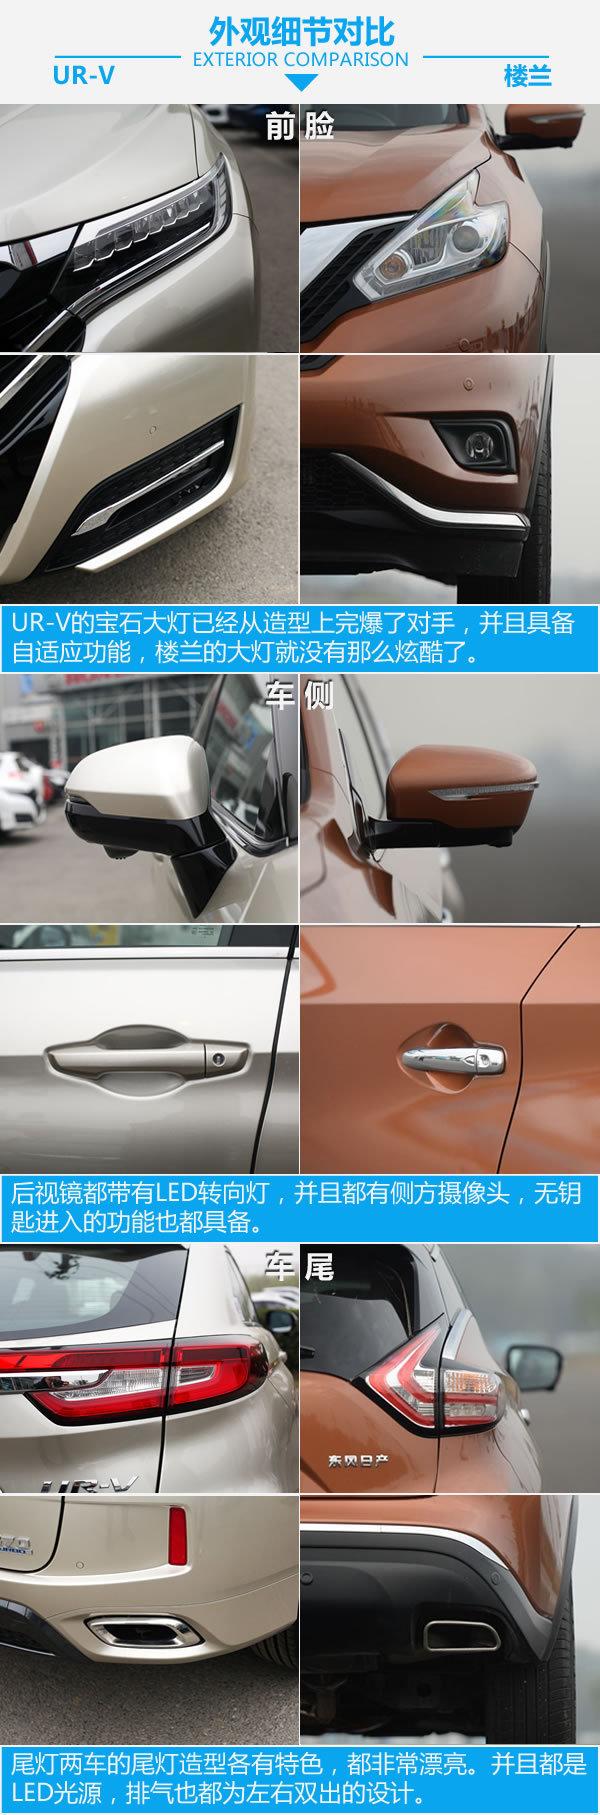 舒适对比舒适 东风本田UR-V对比日产楼兰-图5